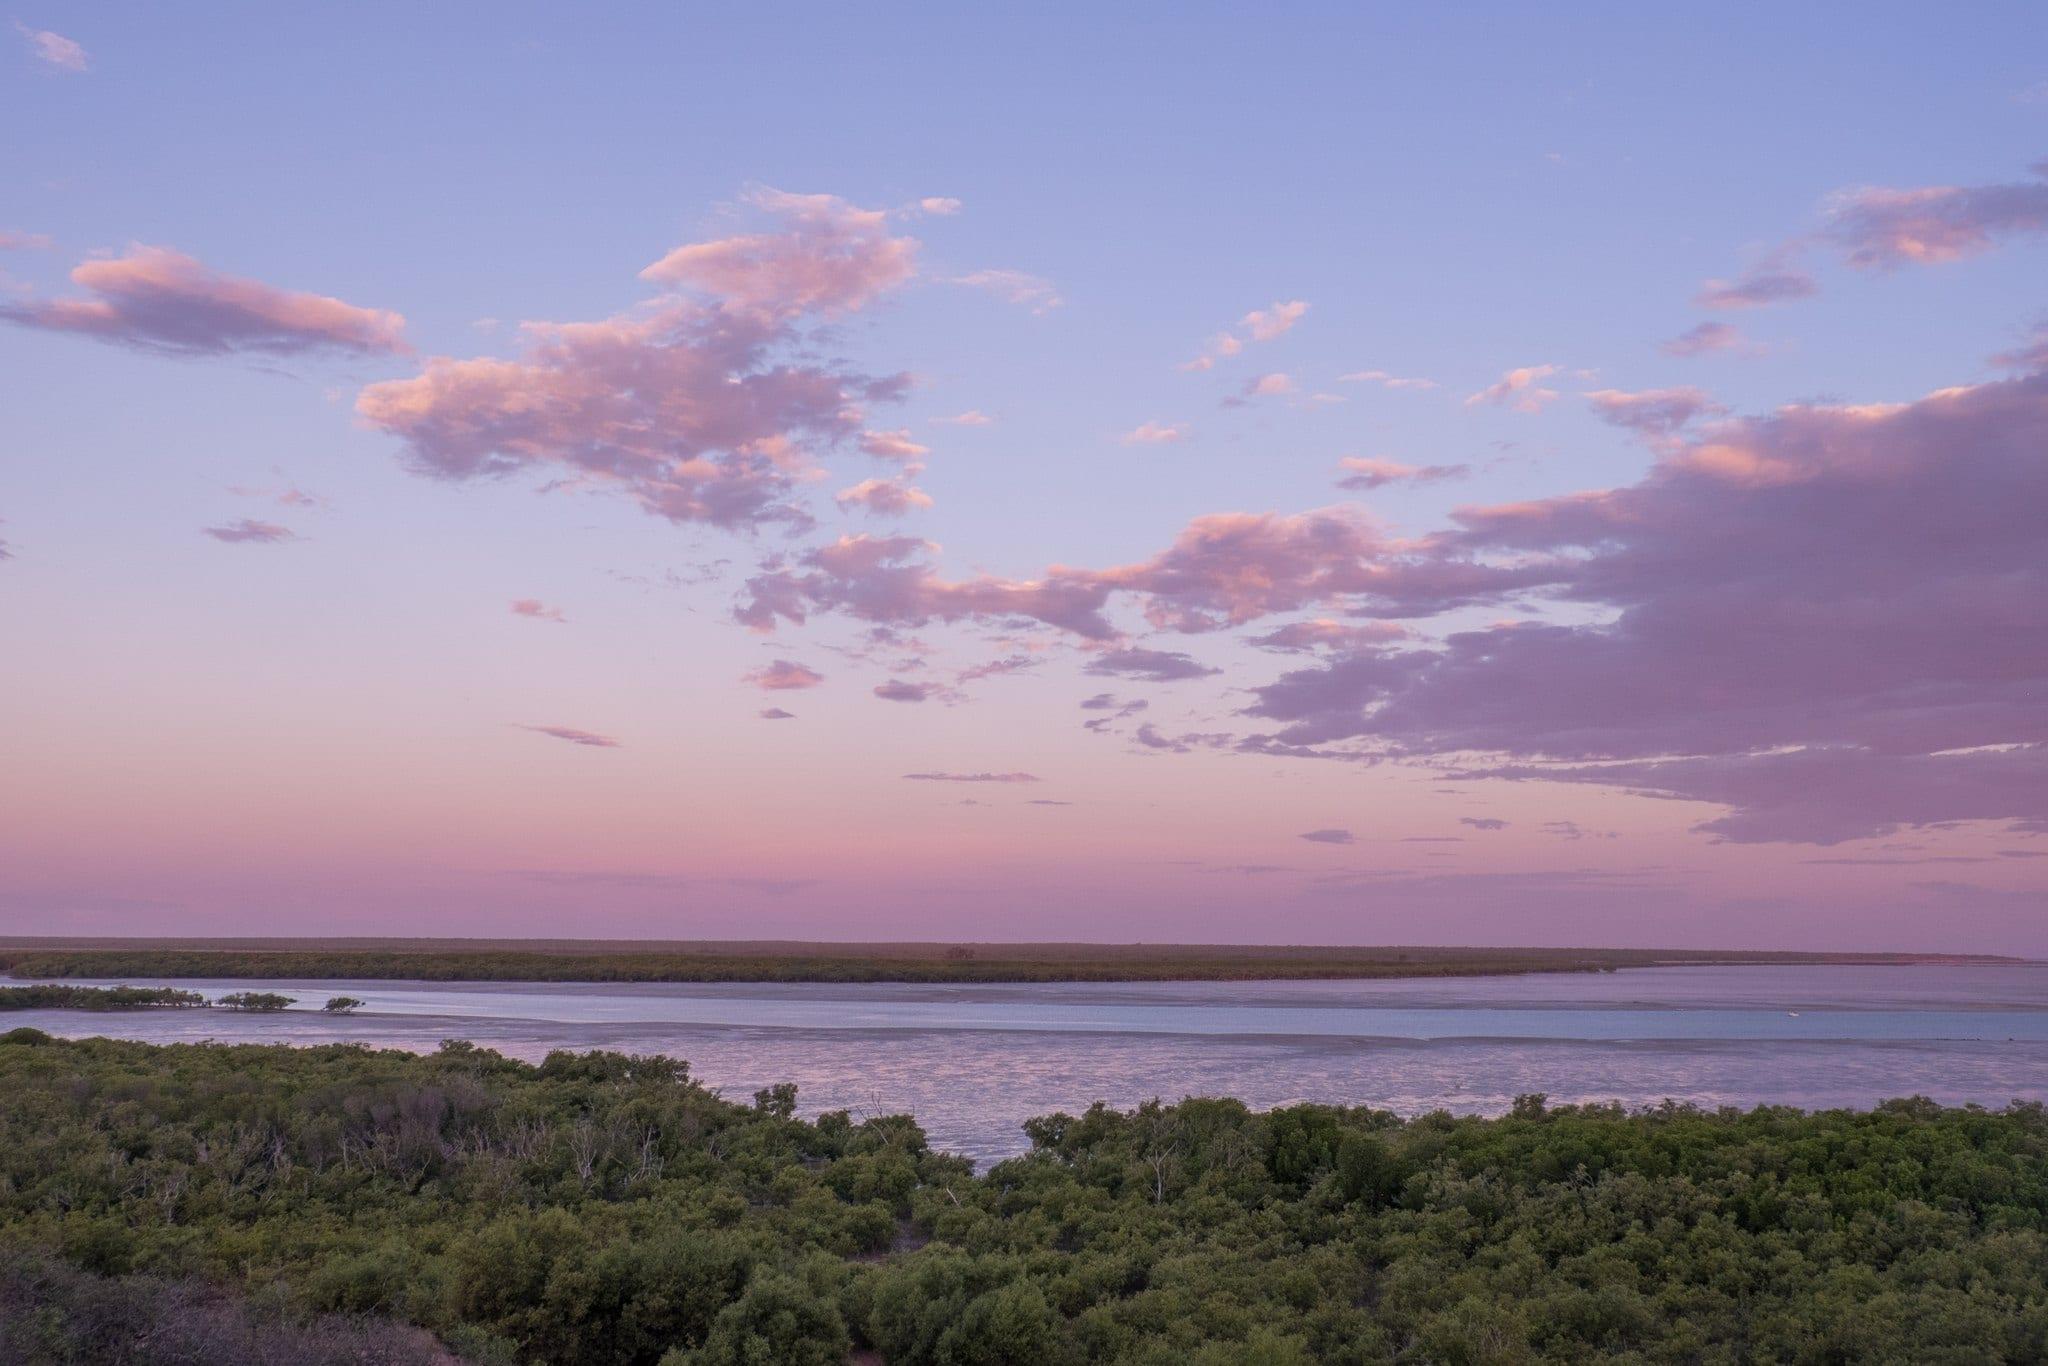 Mangrove Hotel Broome WA Sunset Roebuck Bay